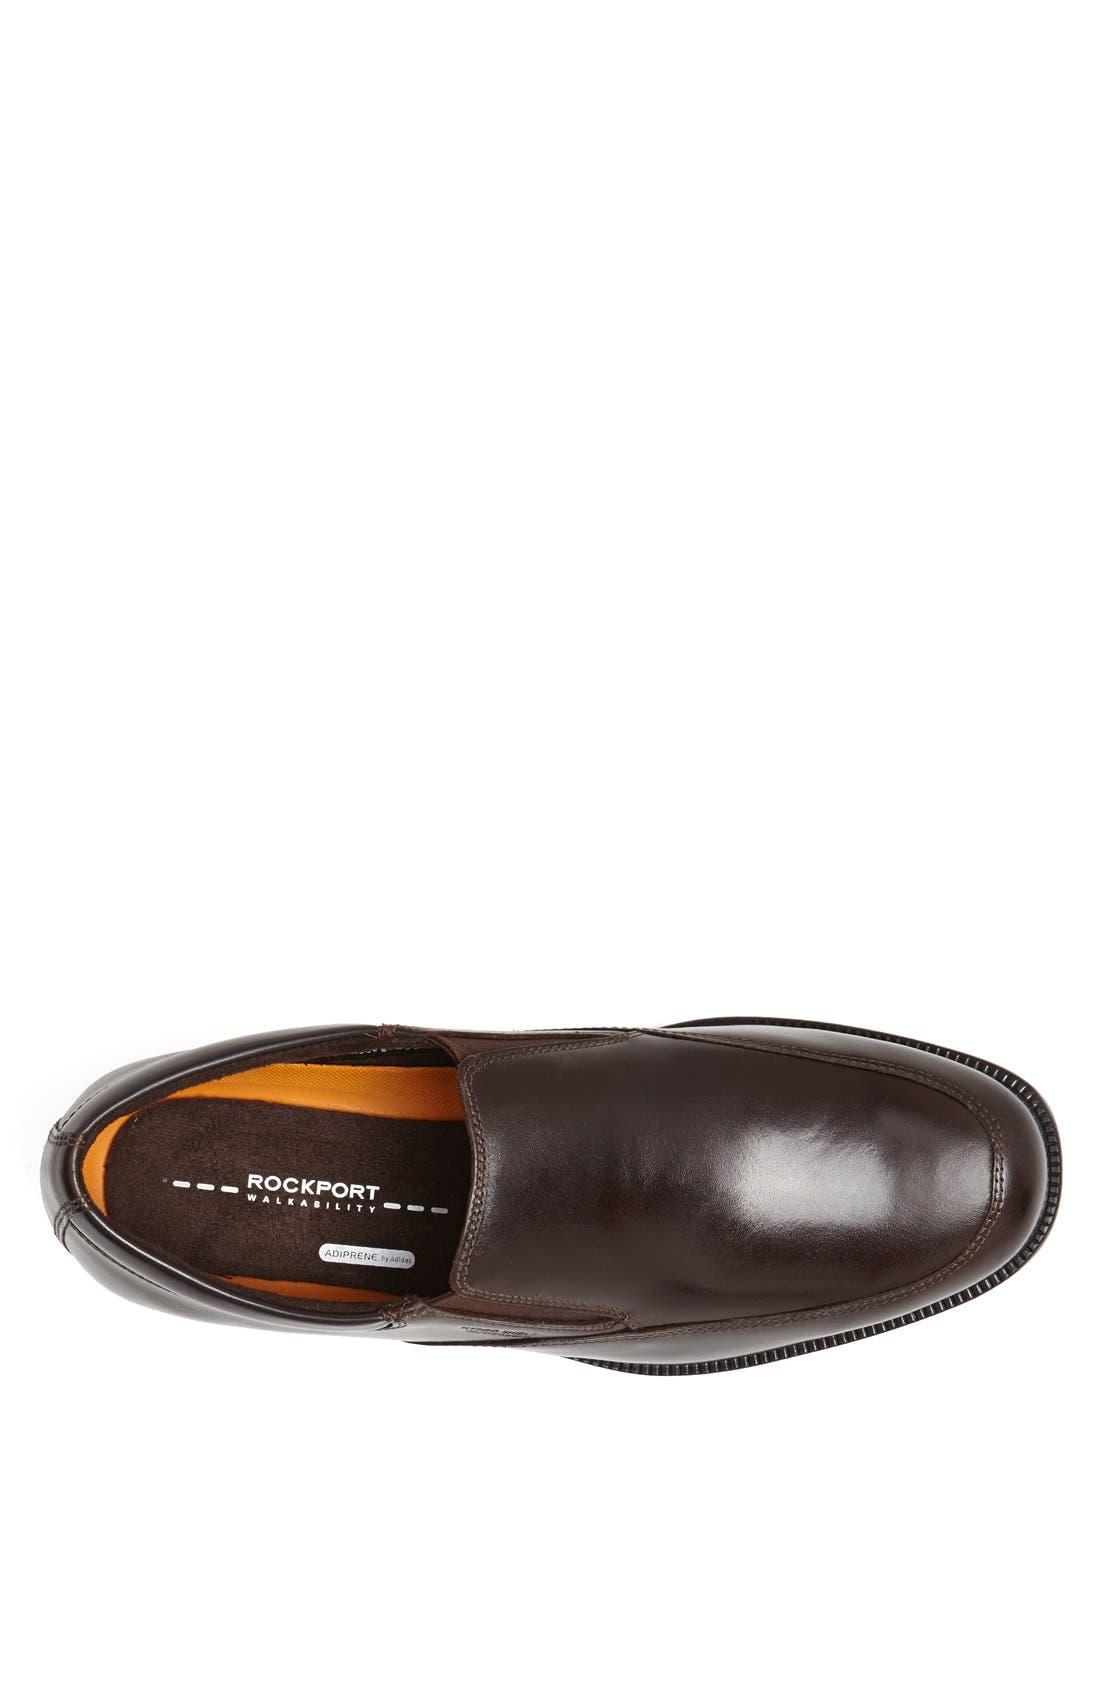 Alternate Image 3  - Rockport 'Essential Details' Waterproof Loafer (Men)